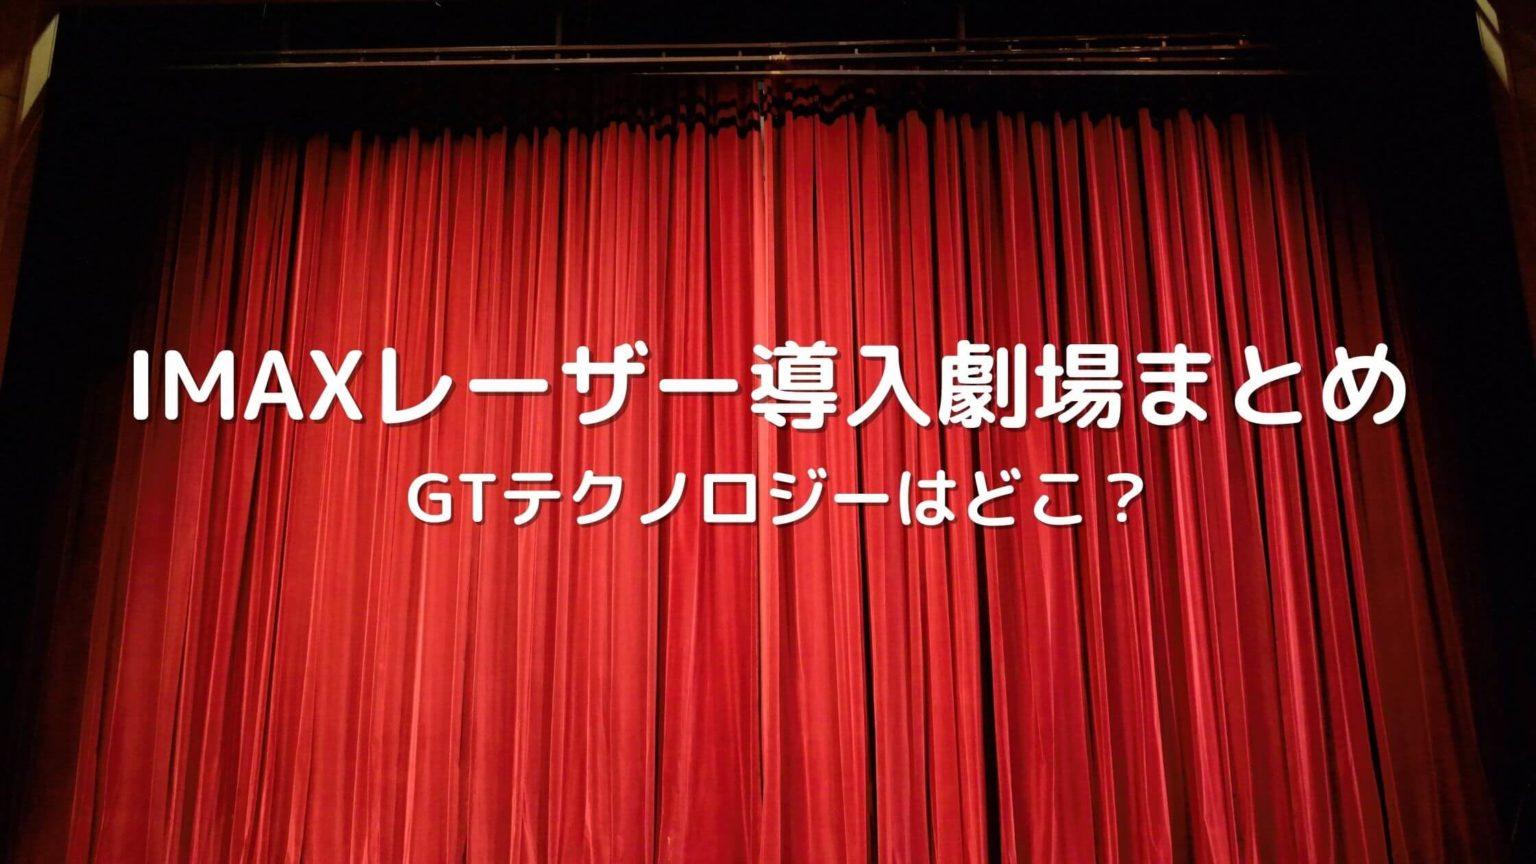 【2020年版】IMAXレーザー/GTテクノロジーが導入されている映画館まとめ